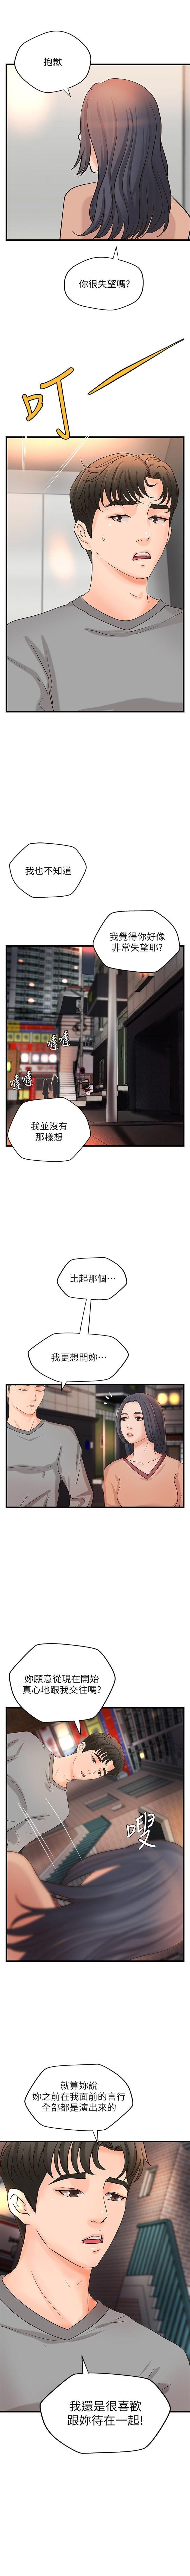 御姐的實戰教學 1-27 官方中文(連載中) 139